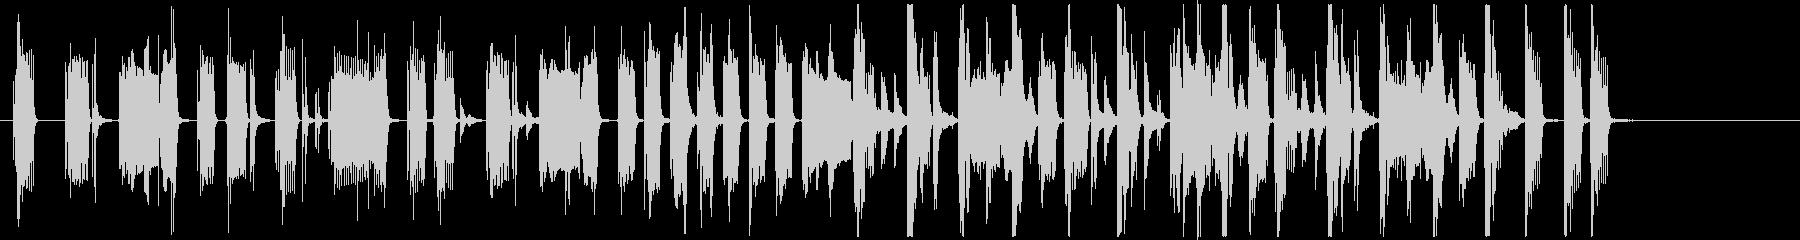 グルーヴィベース&ファンキーリズムのロゴの未再生の波形